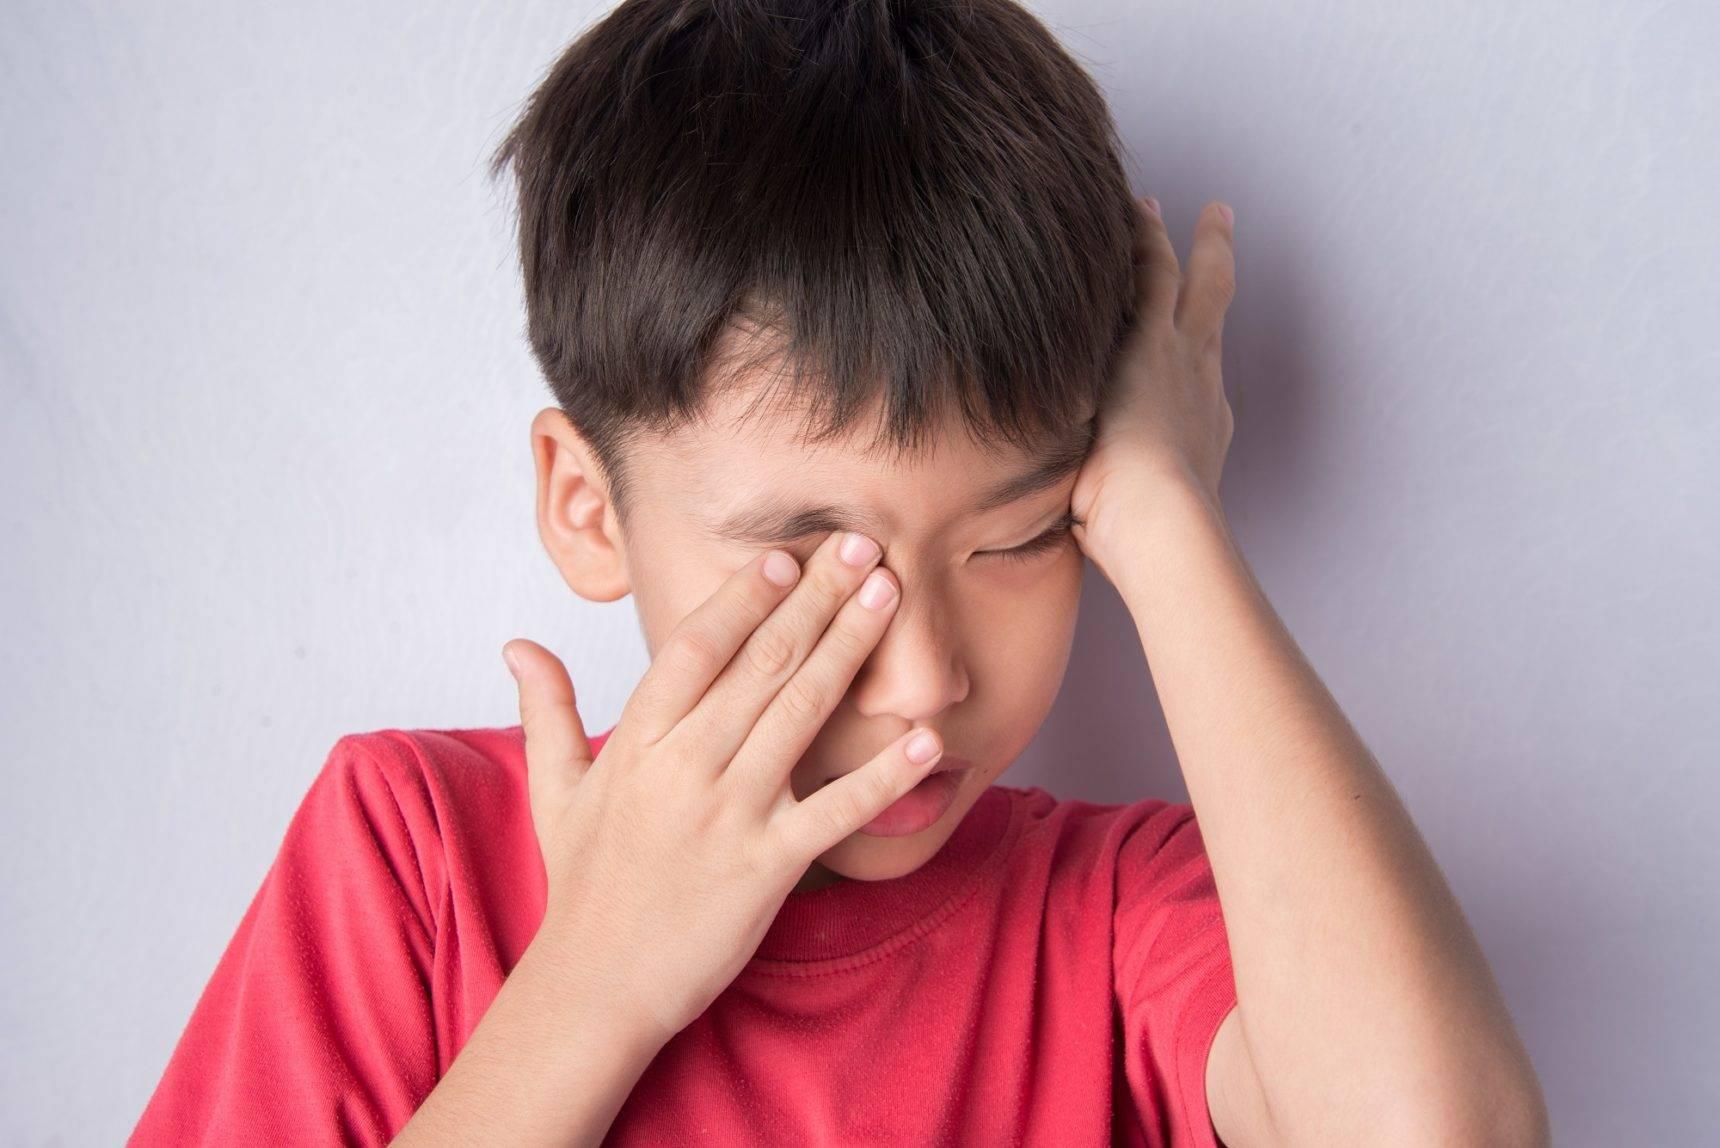 Почему ребенок часто моргает глазами: причины и методы лечения